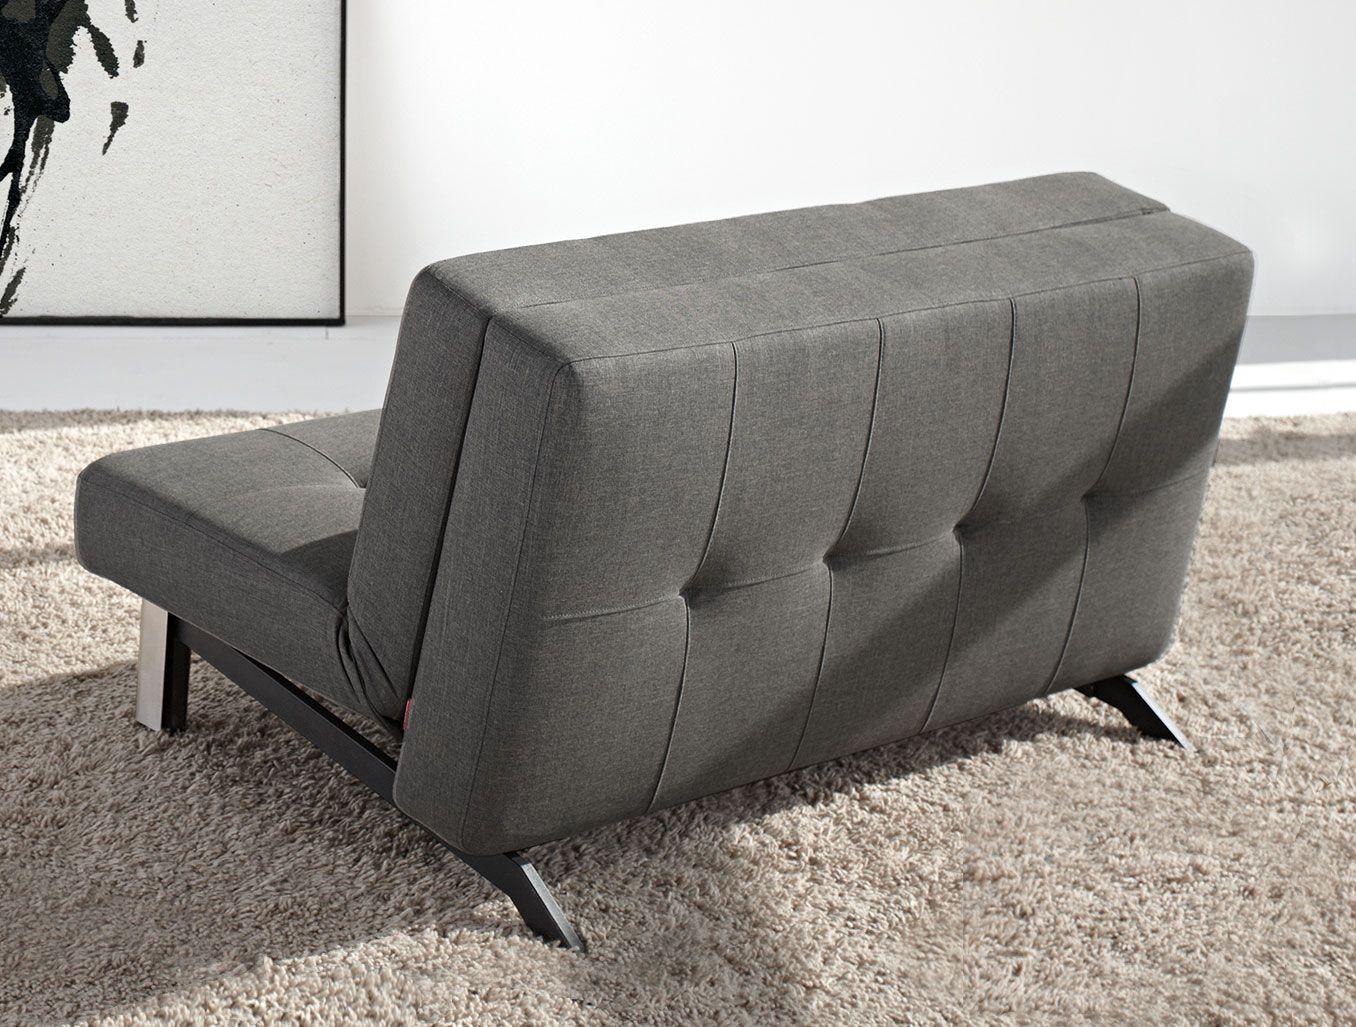 Sofa Klassisch klappsofa kenway ein edler langschläfer mit klassischer steppung